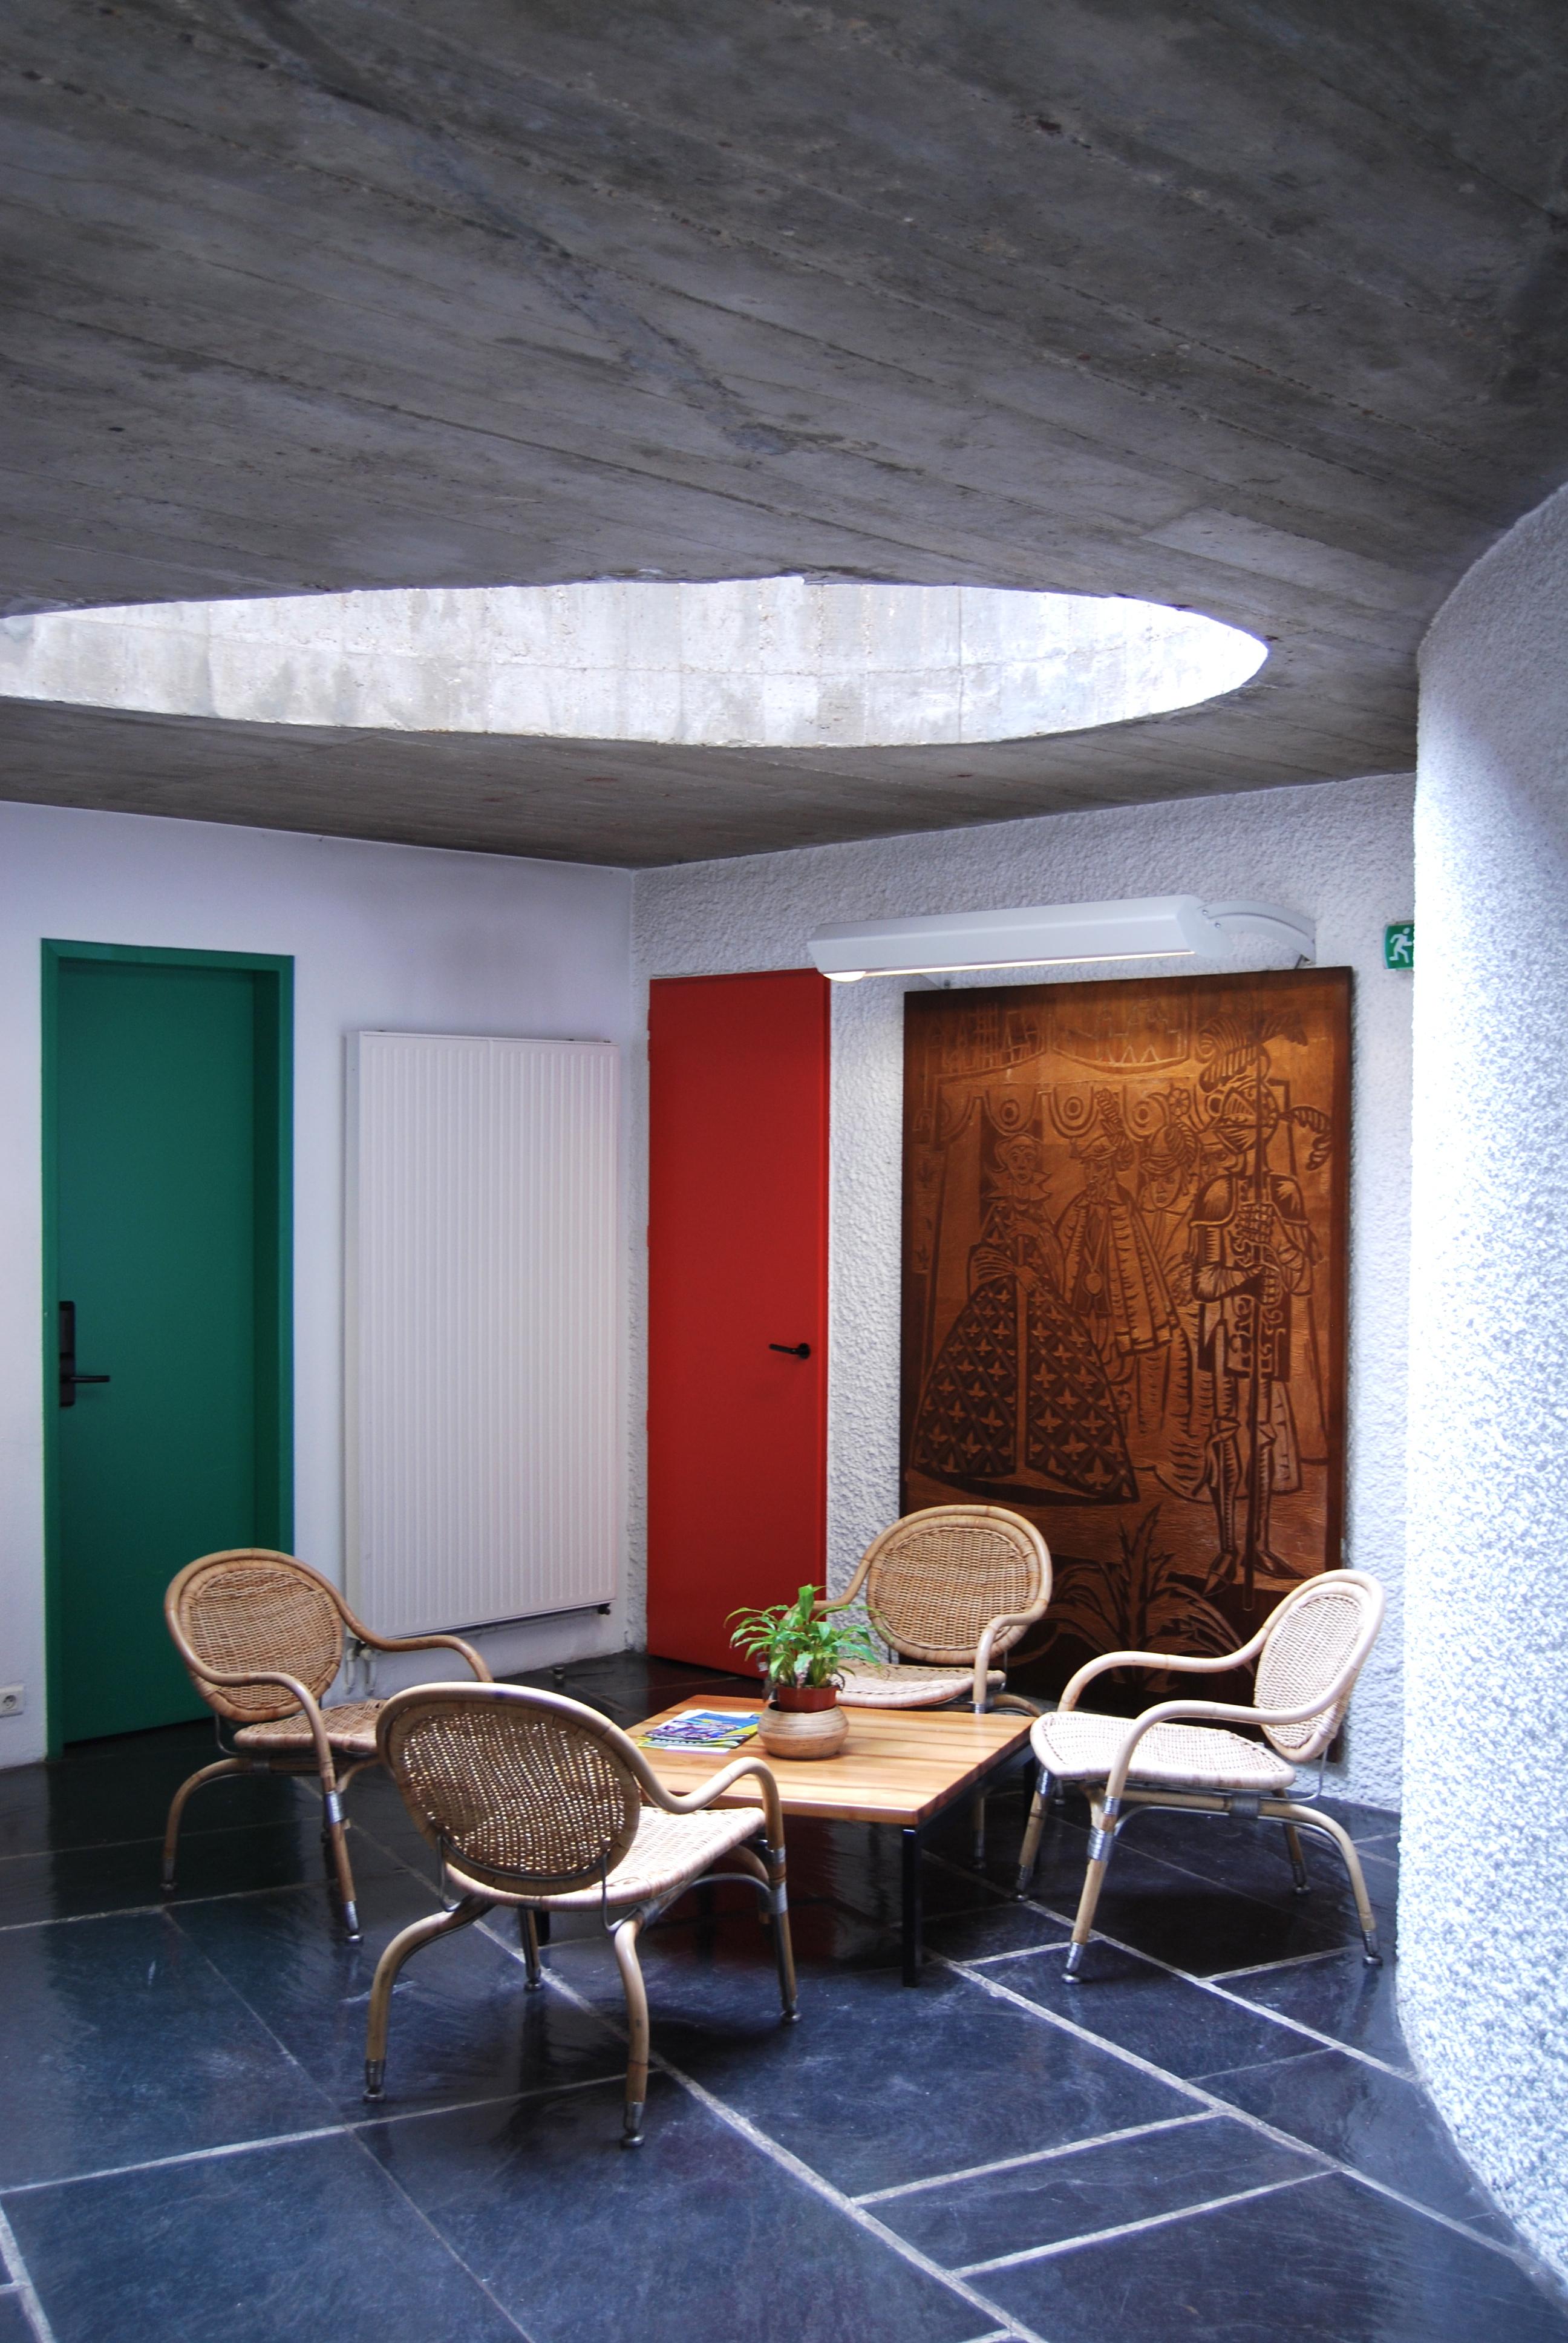 maison du brasil paris by le corbusier cate st hill. Black Bedroom Furniture Sets. Home Design Ideas